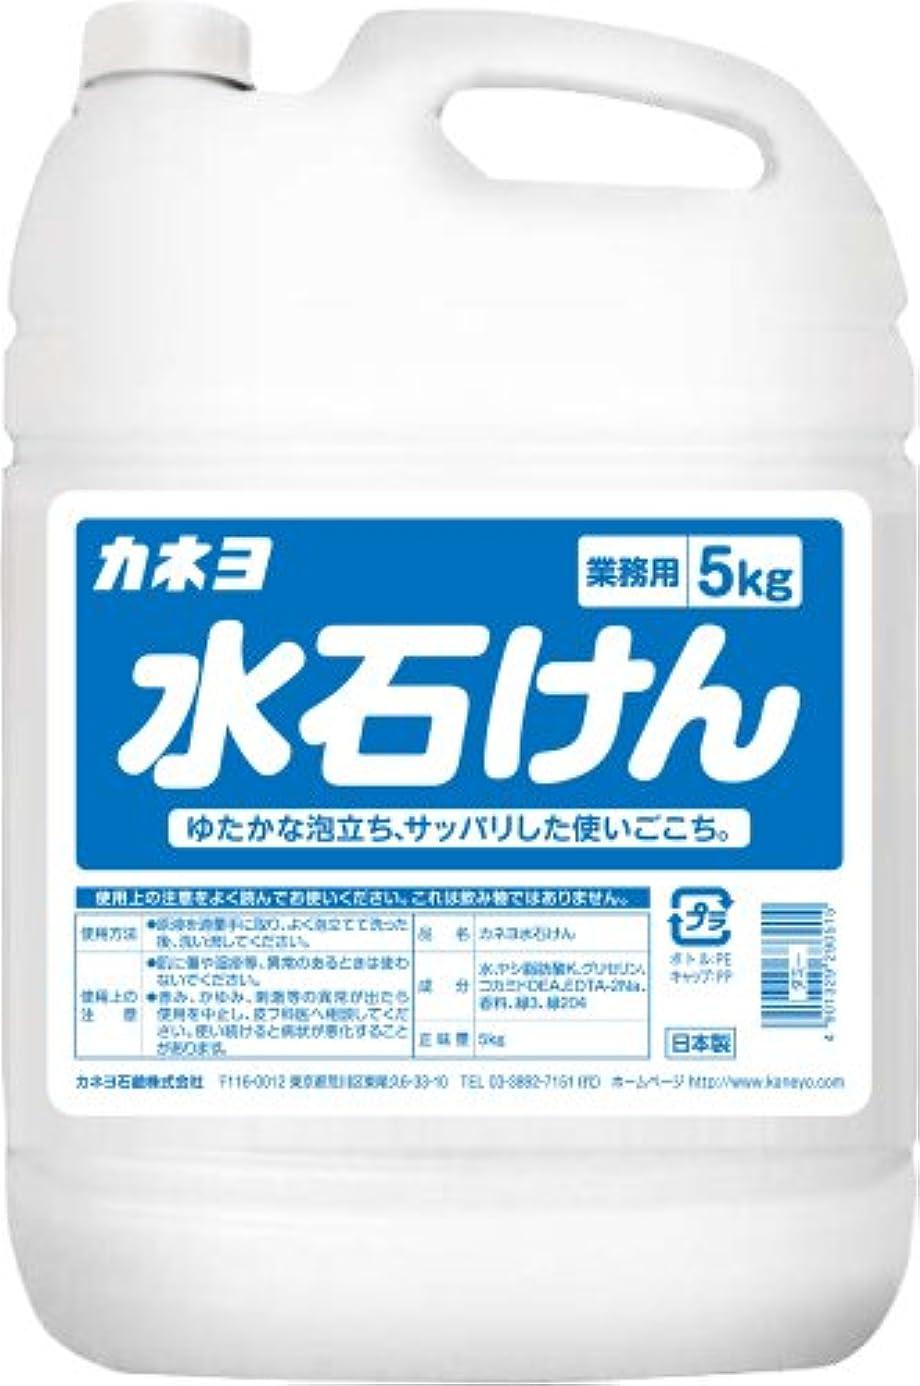 足首オペレーターリスナー【大容量】 カネヨ石鹸 ハンドソープ 水石けん 液体 業務用 5kg